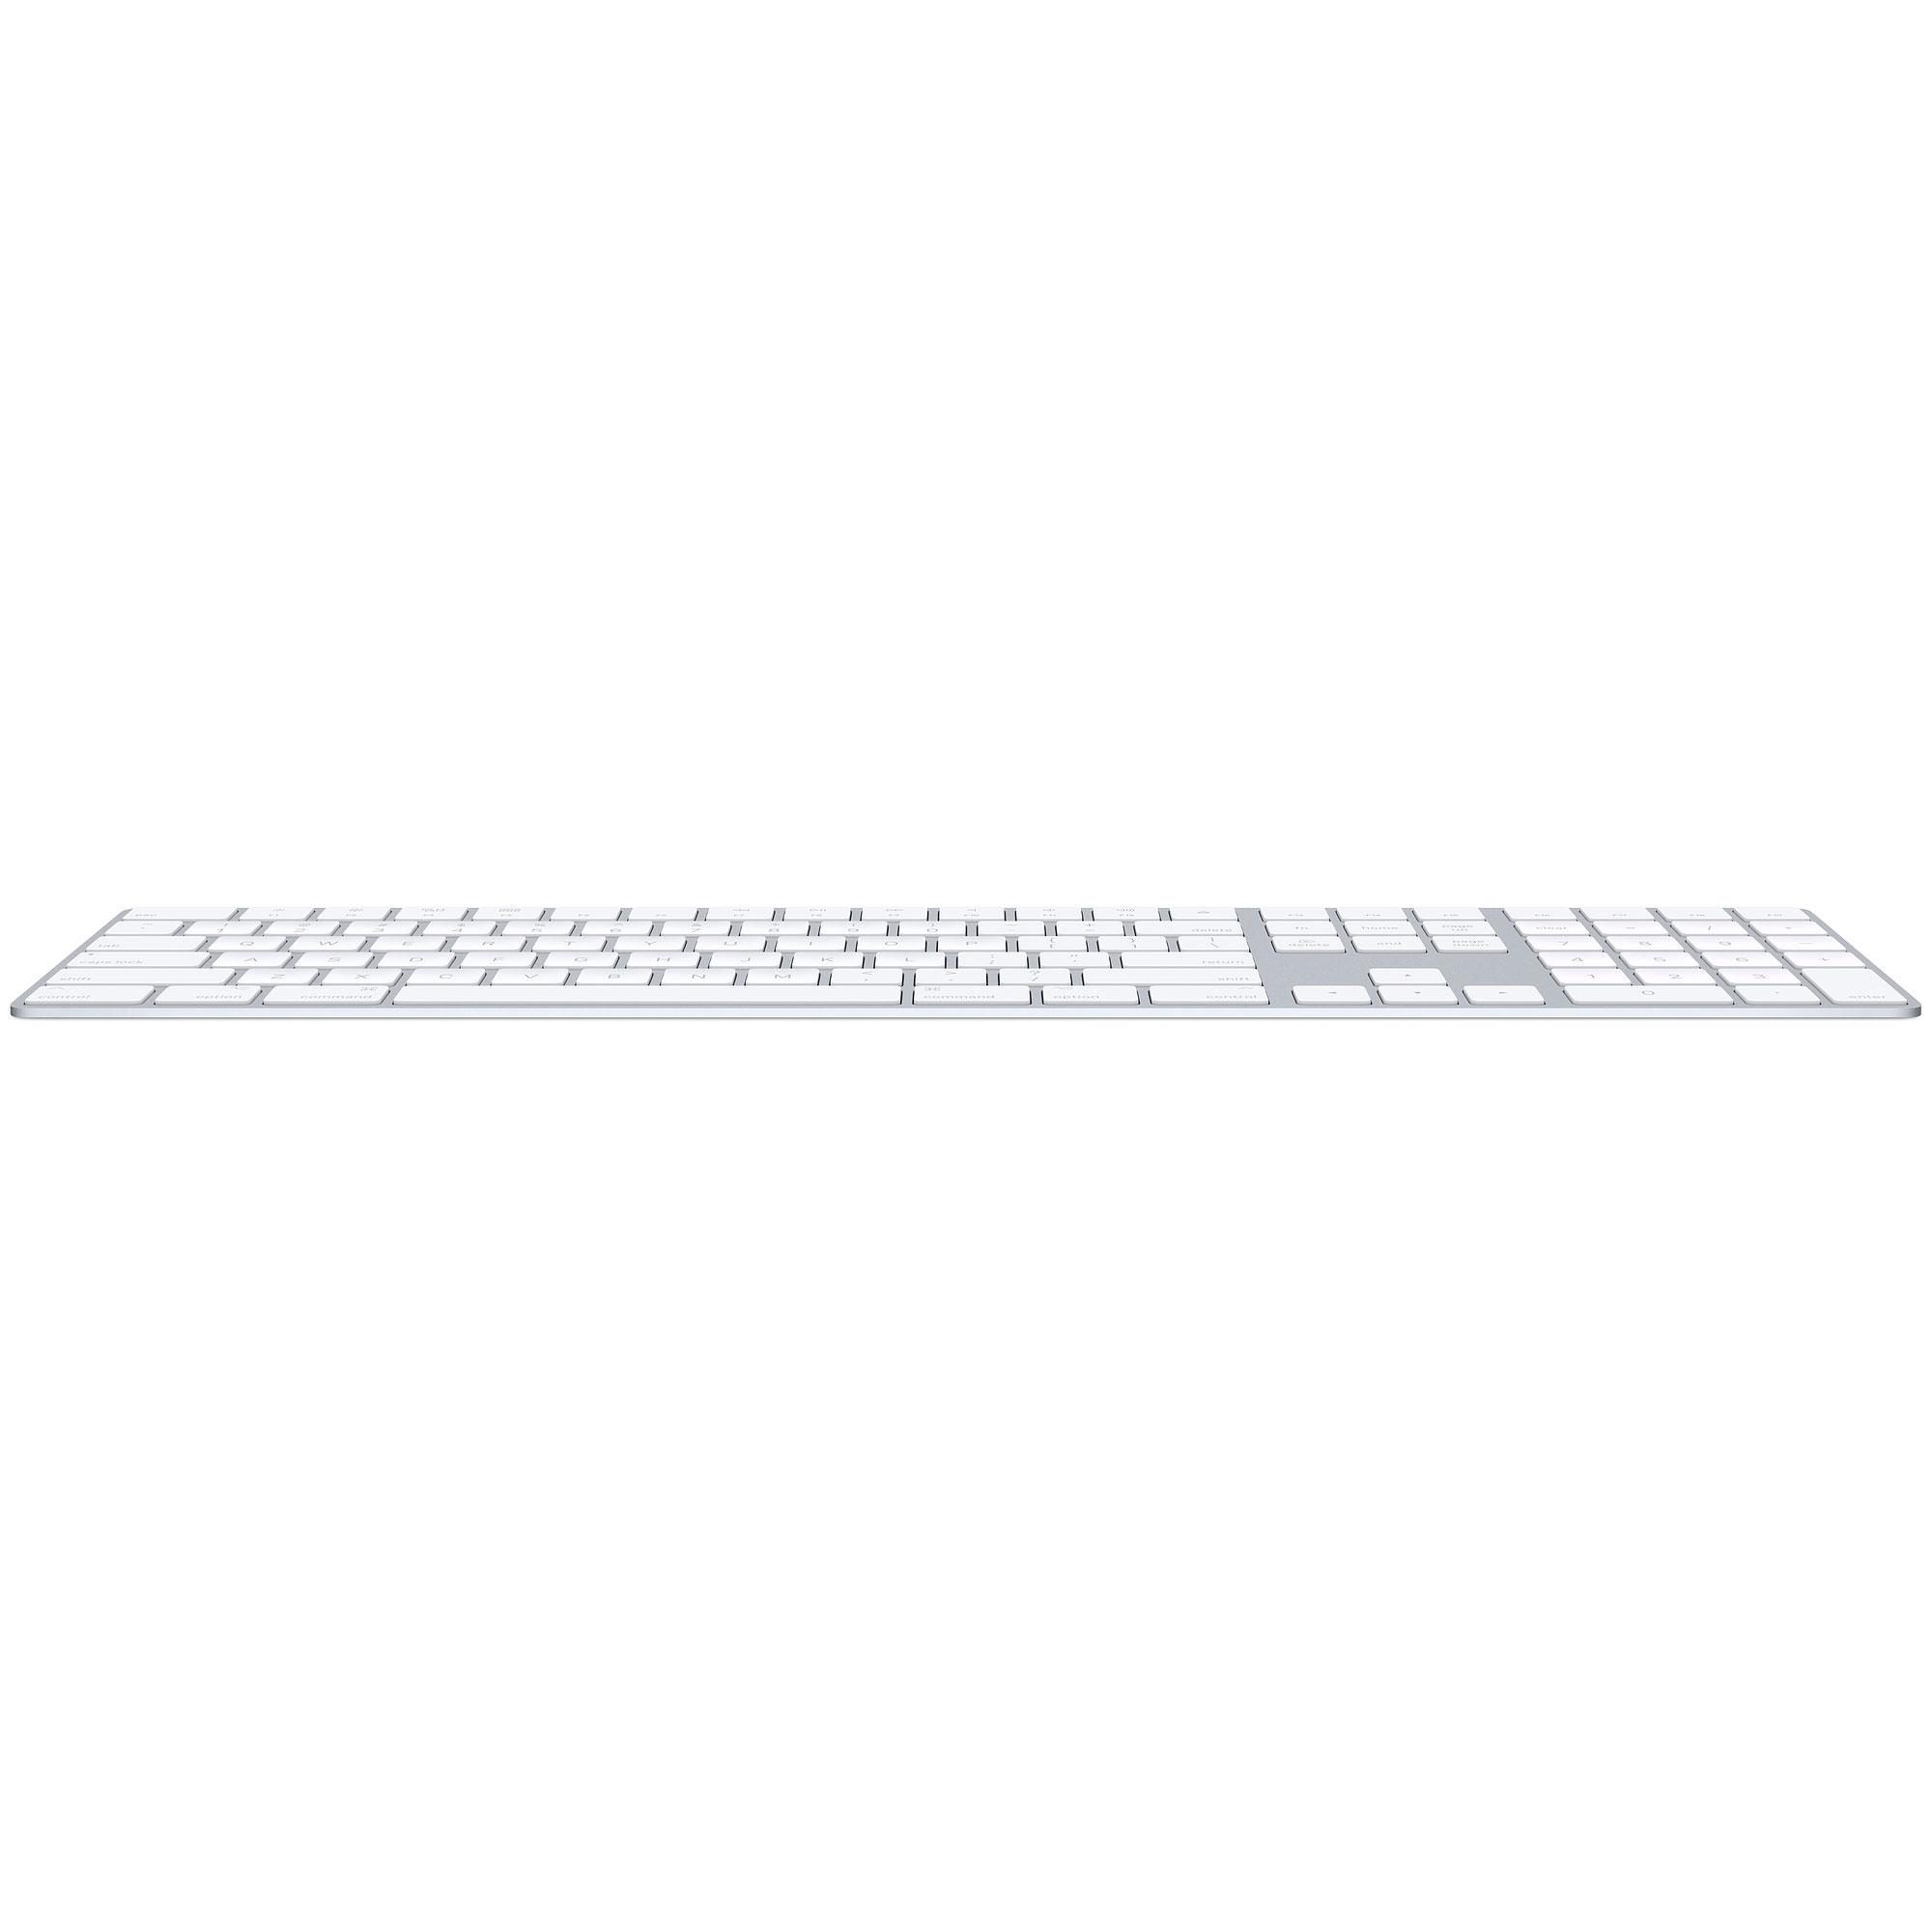 Apple Magic Keyboard met numeriek toetsenblok - USA - Zilver (★★★★★)